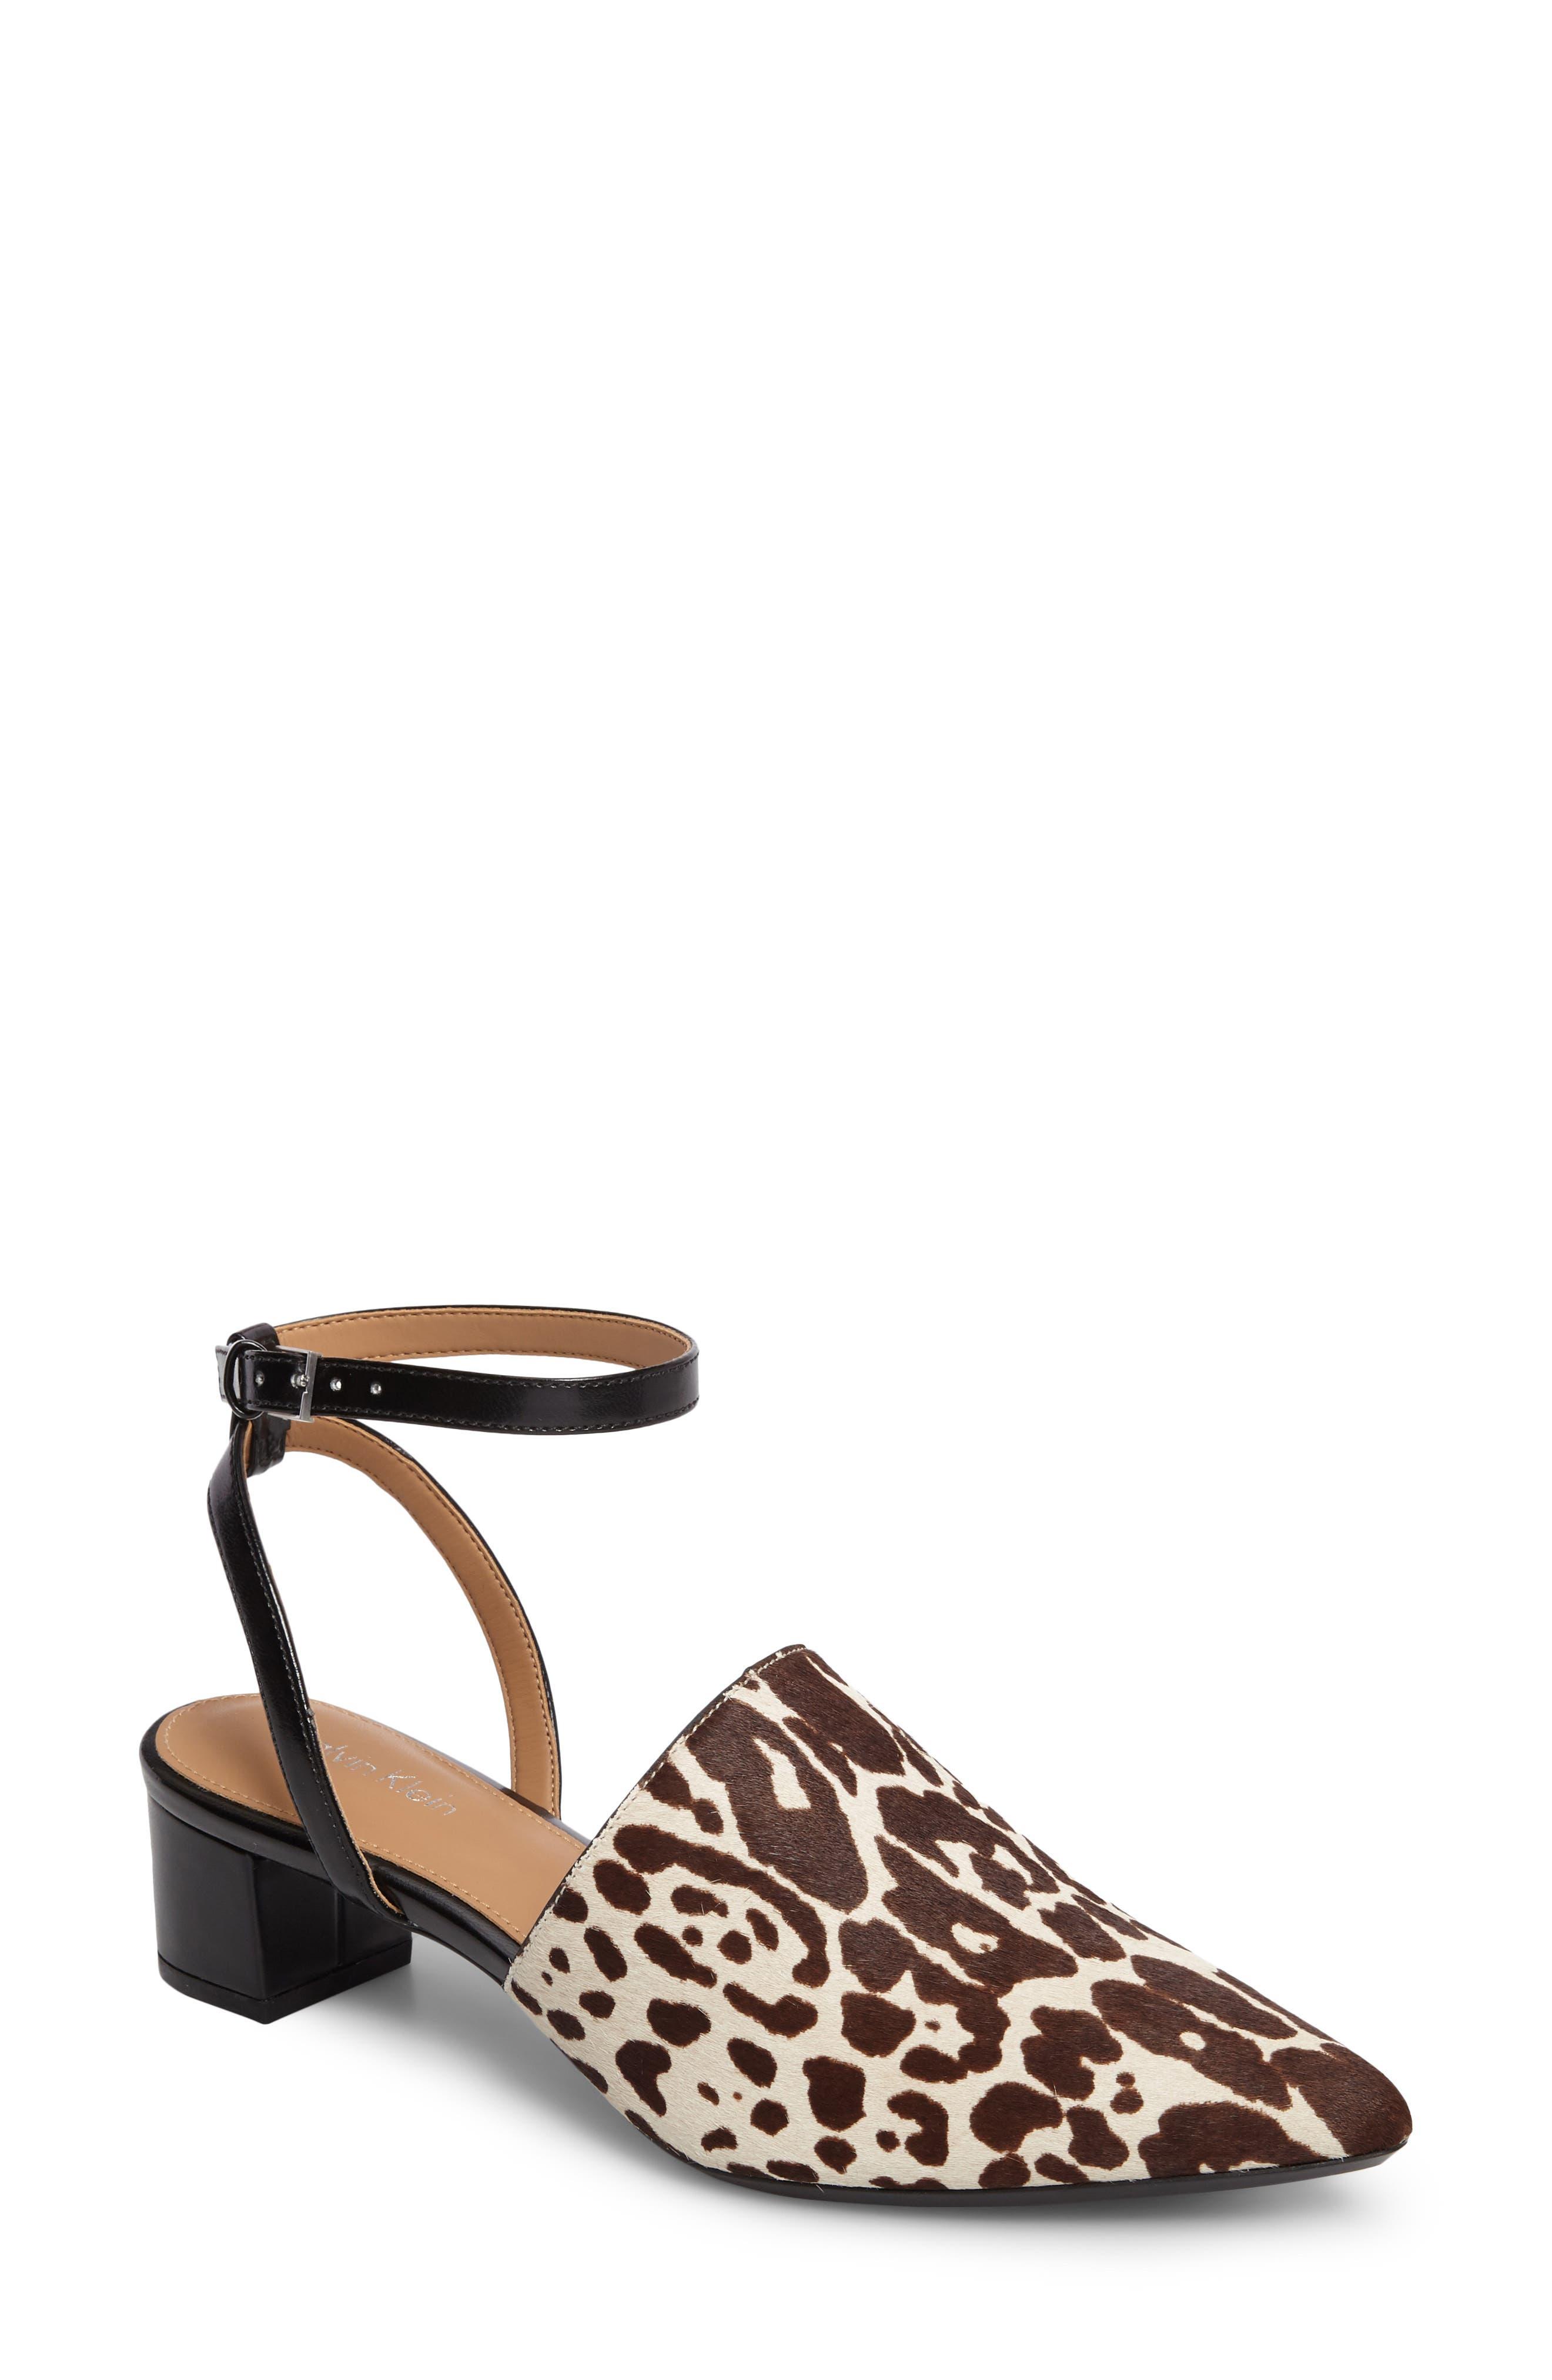 Main Image - Calvin Klein Ginetta Ankle Strap Pump (Women)